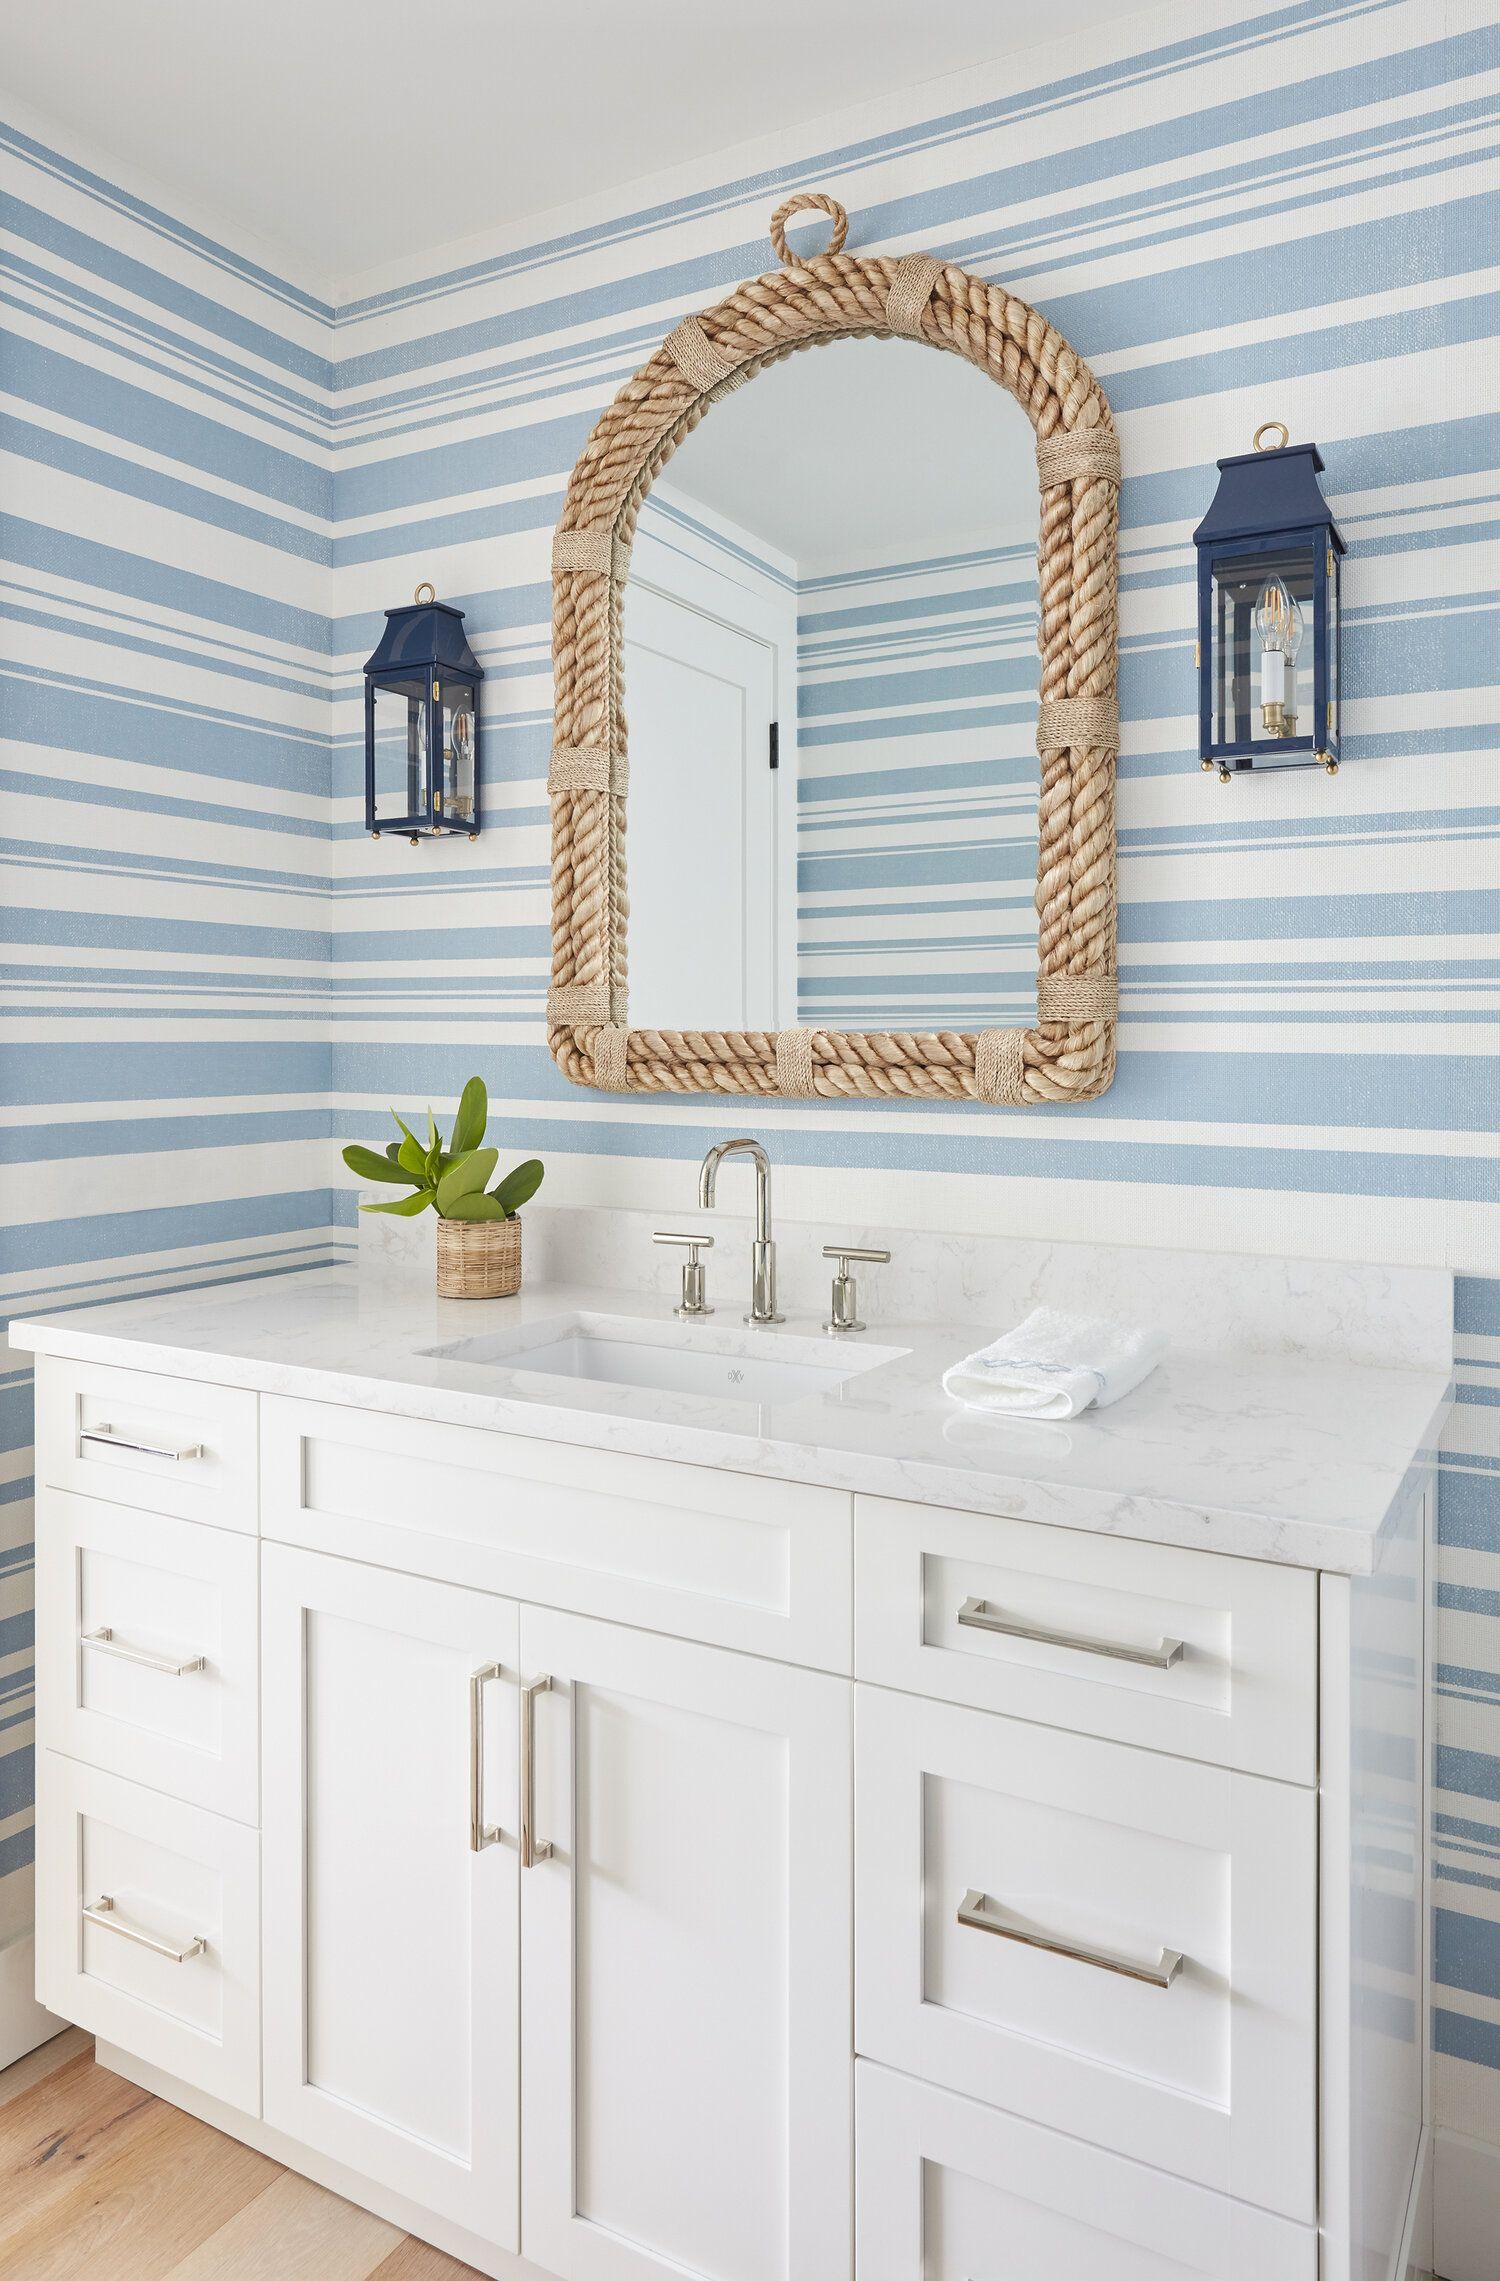 House Tour A Serene Blue + White Beach House Interior